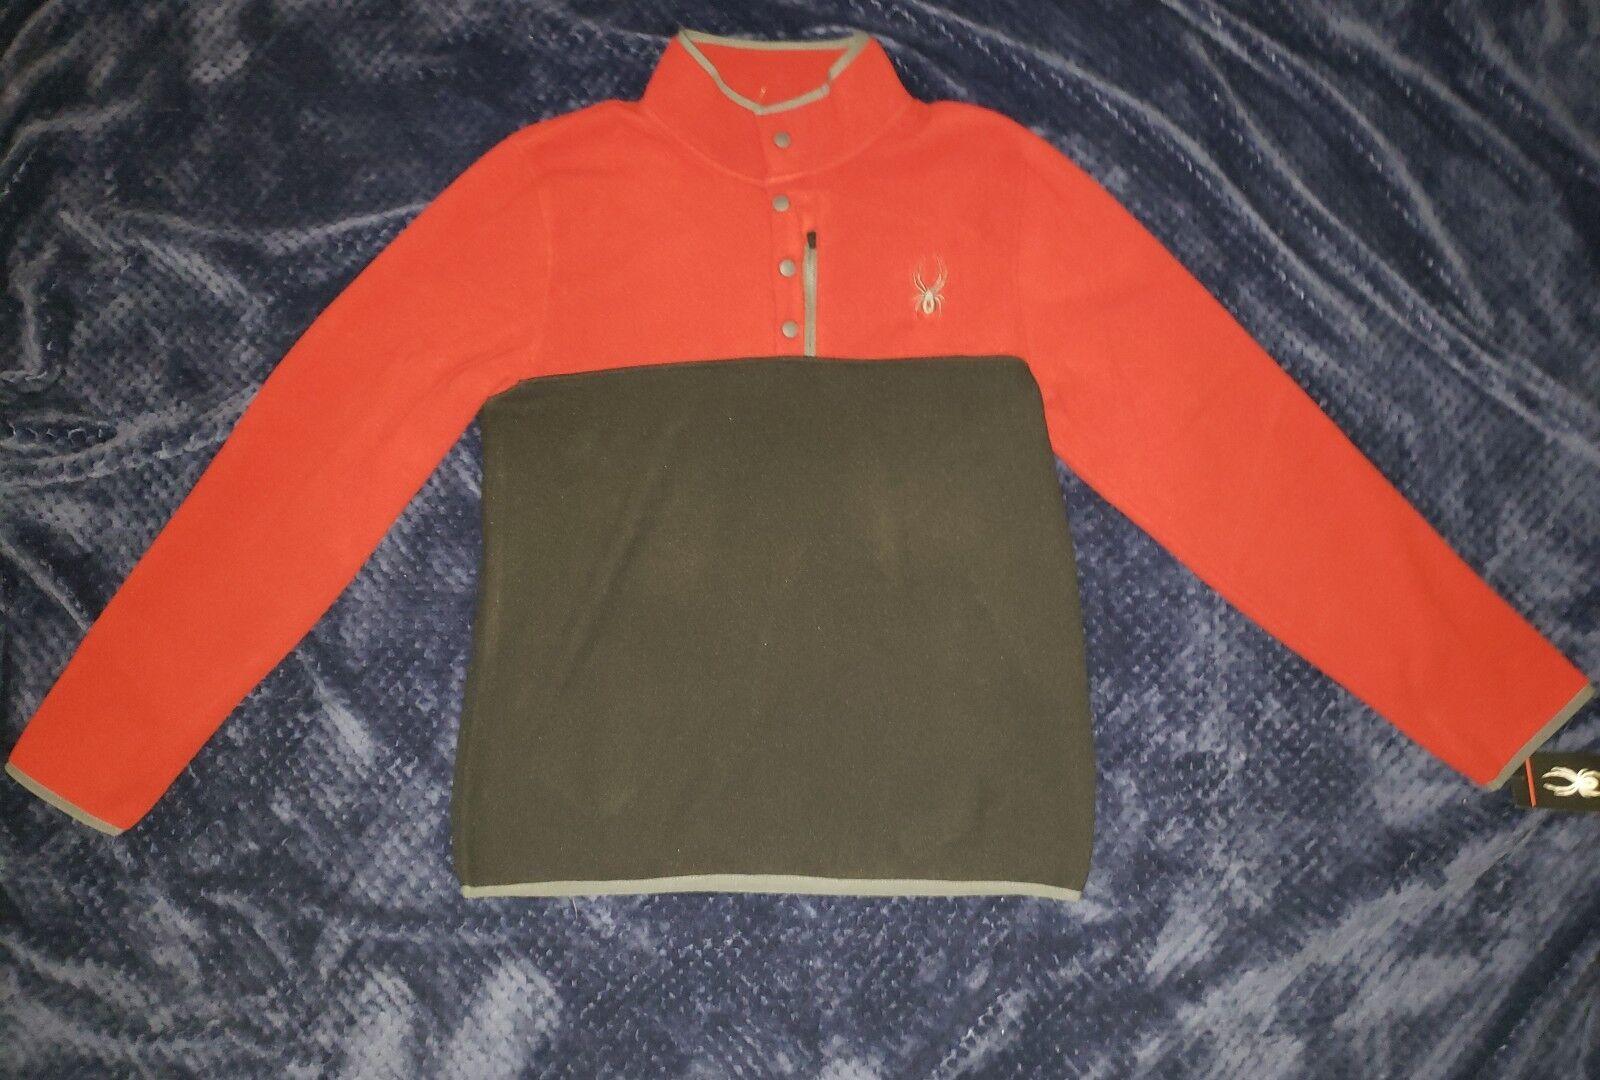 Spyder Red  Fleece Pul r Mens Large  the newest brands outlet online